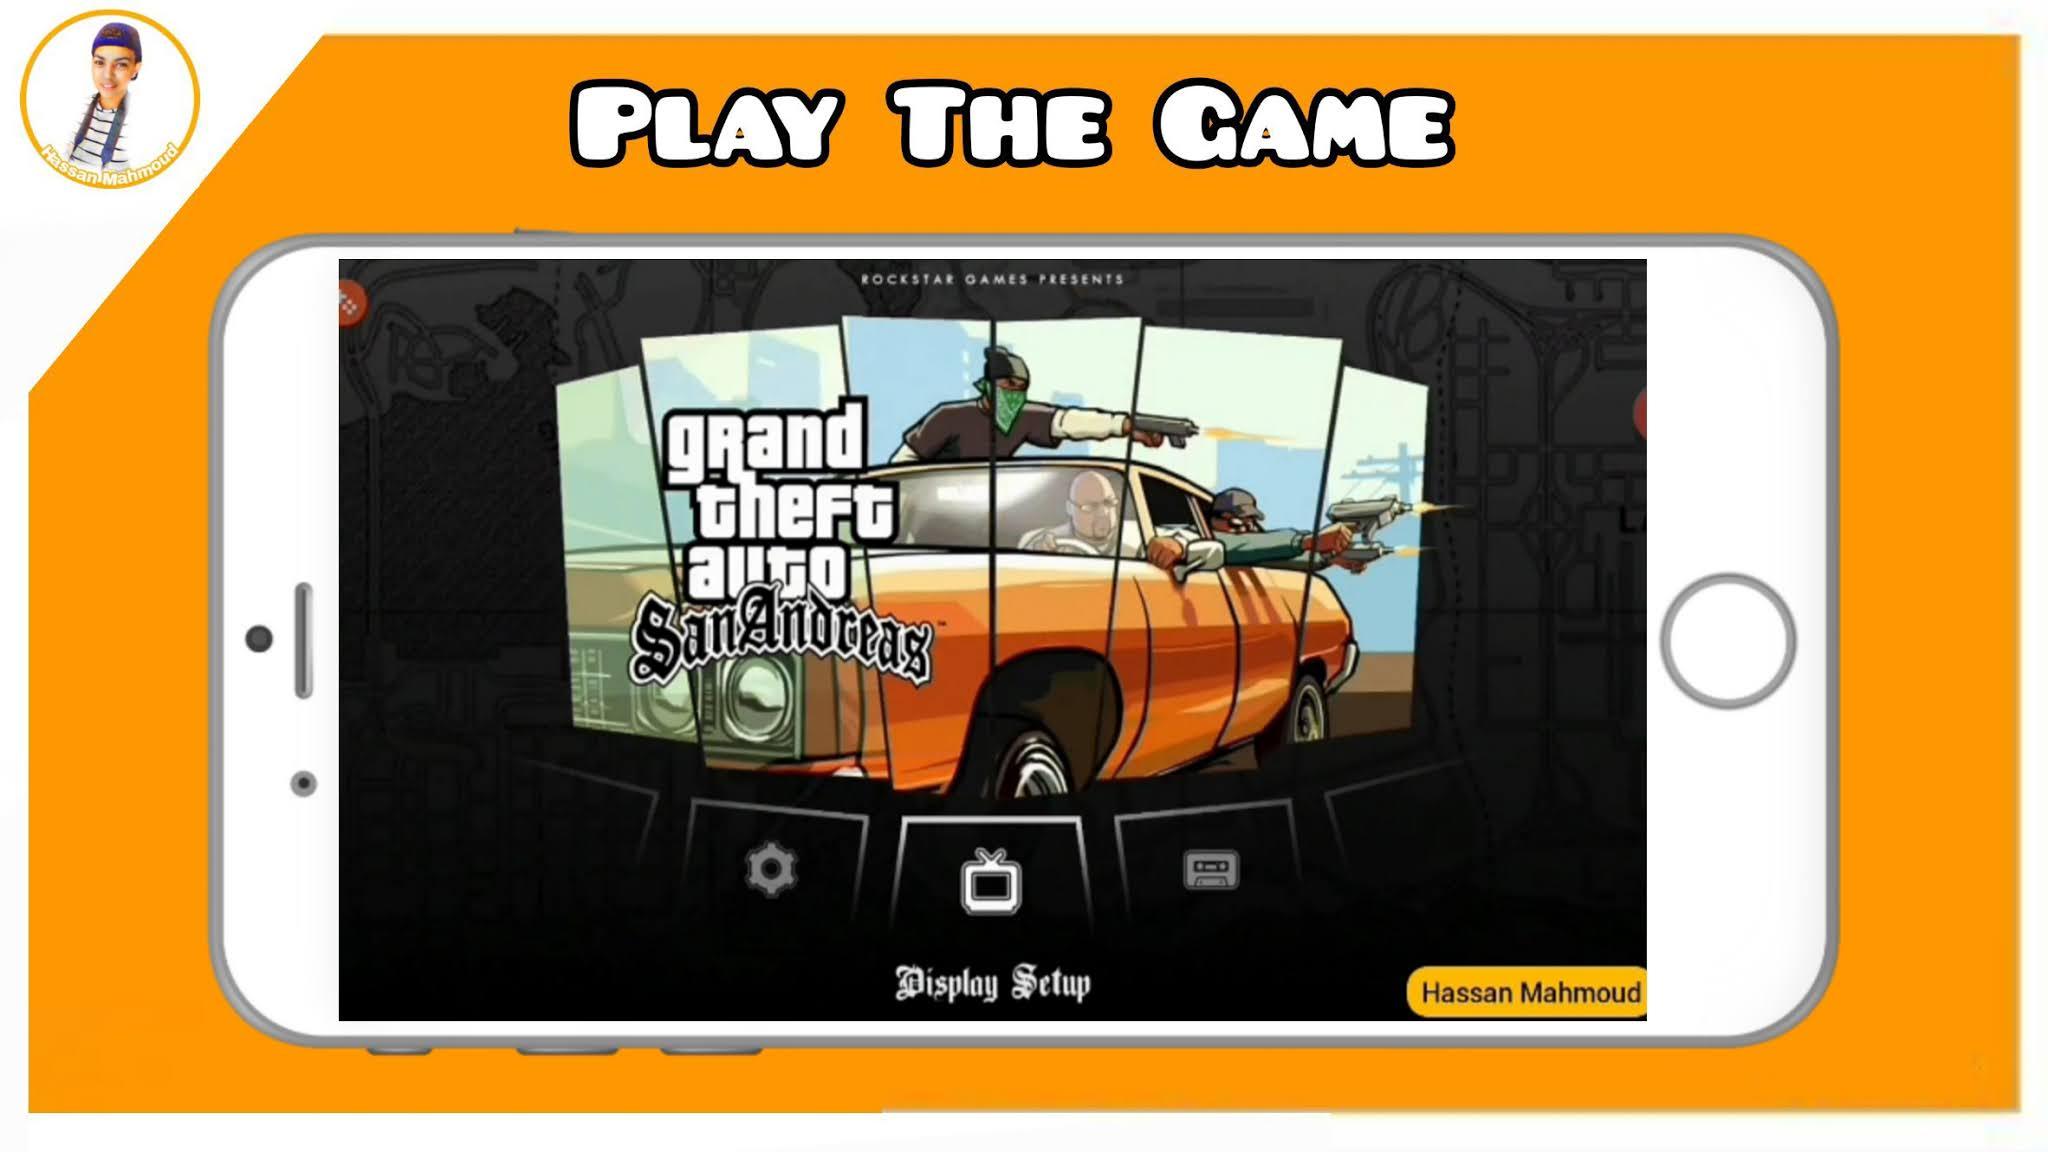 لعبة فيفا 2011 بحجم 200 ميجا للكمبيوتر